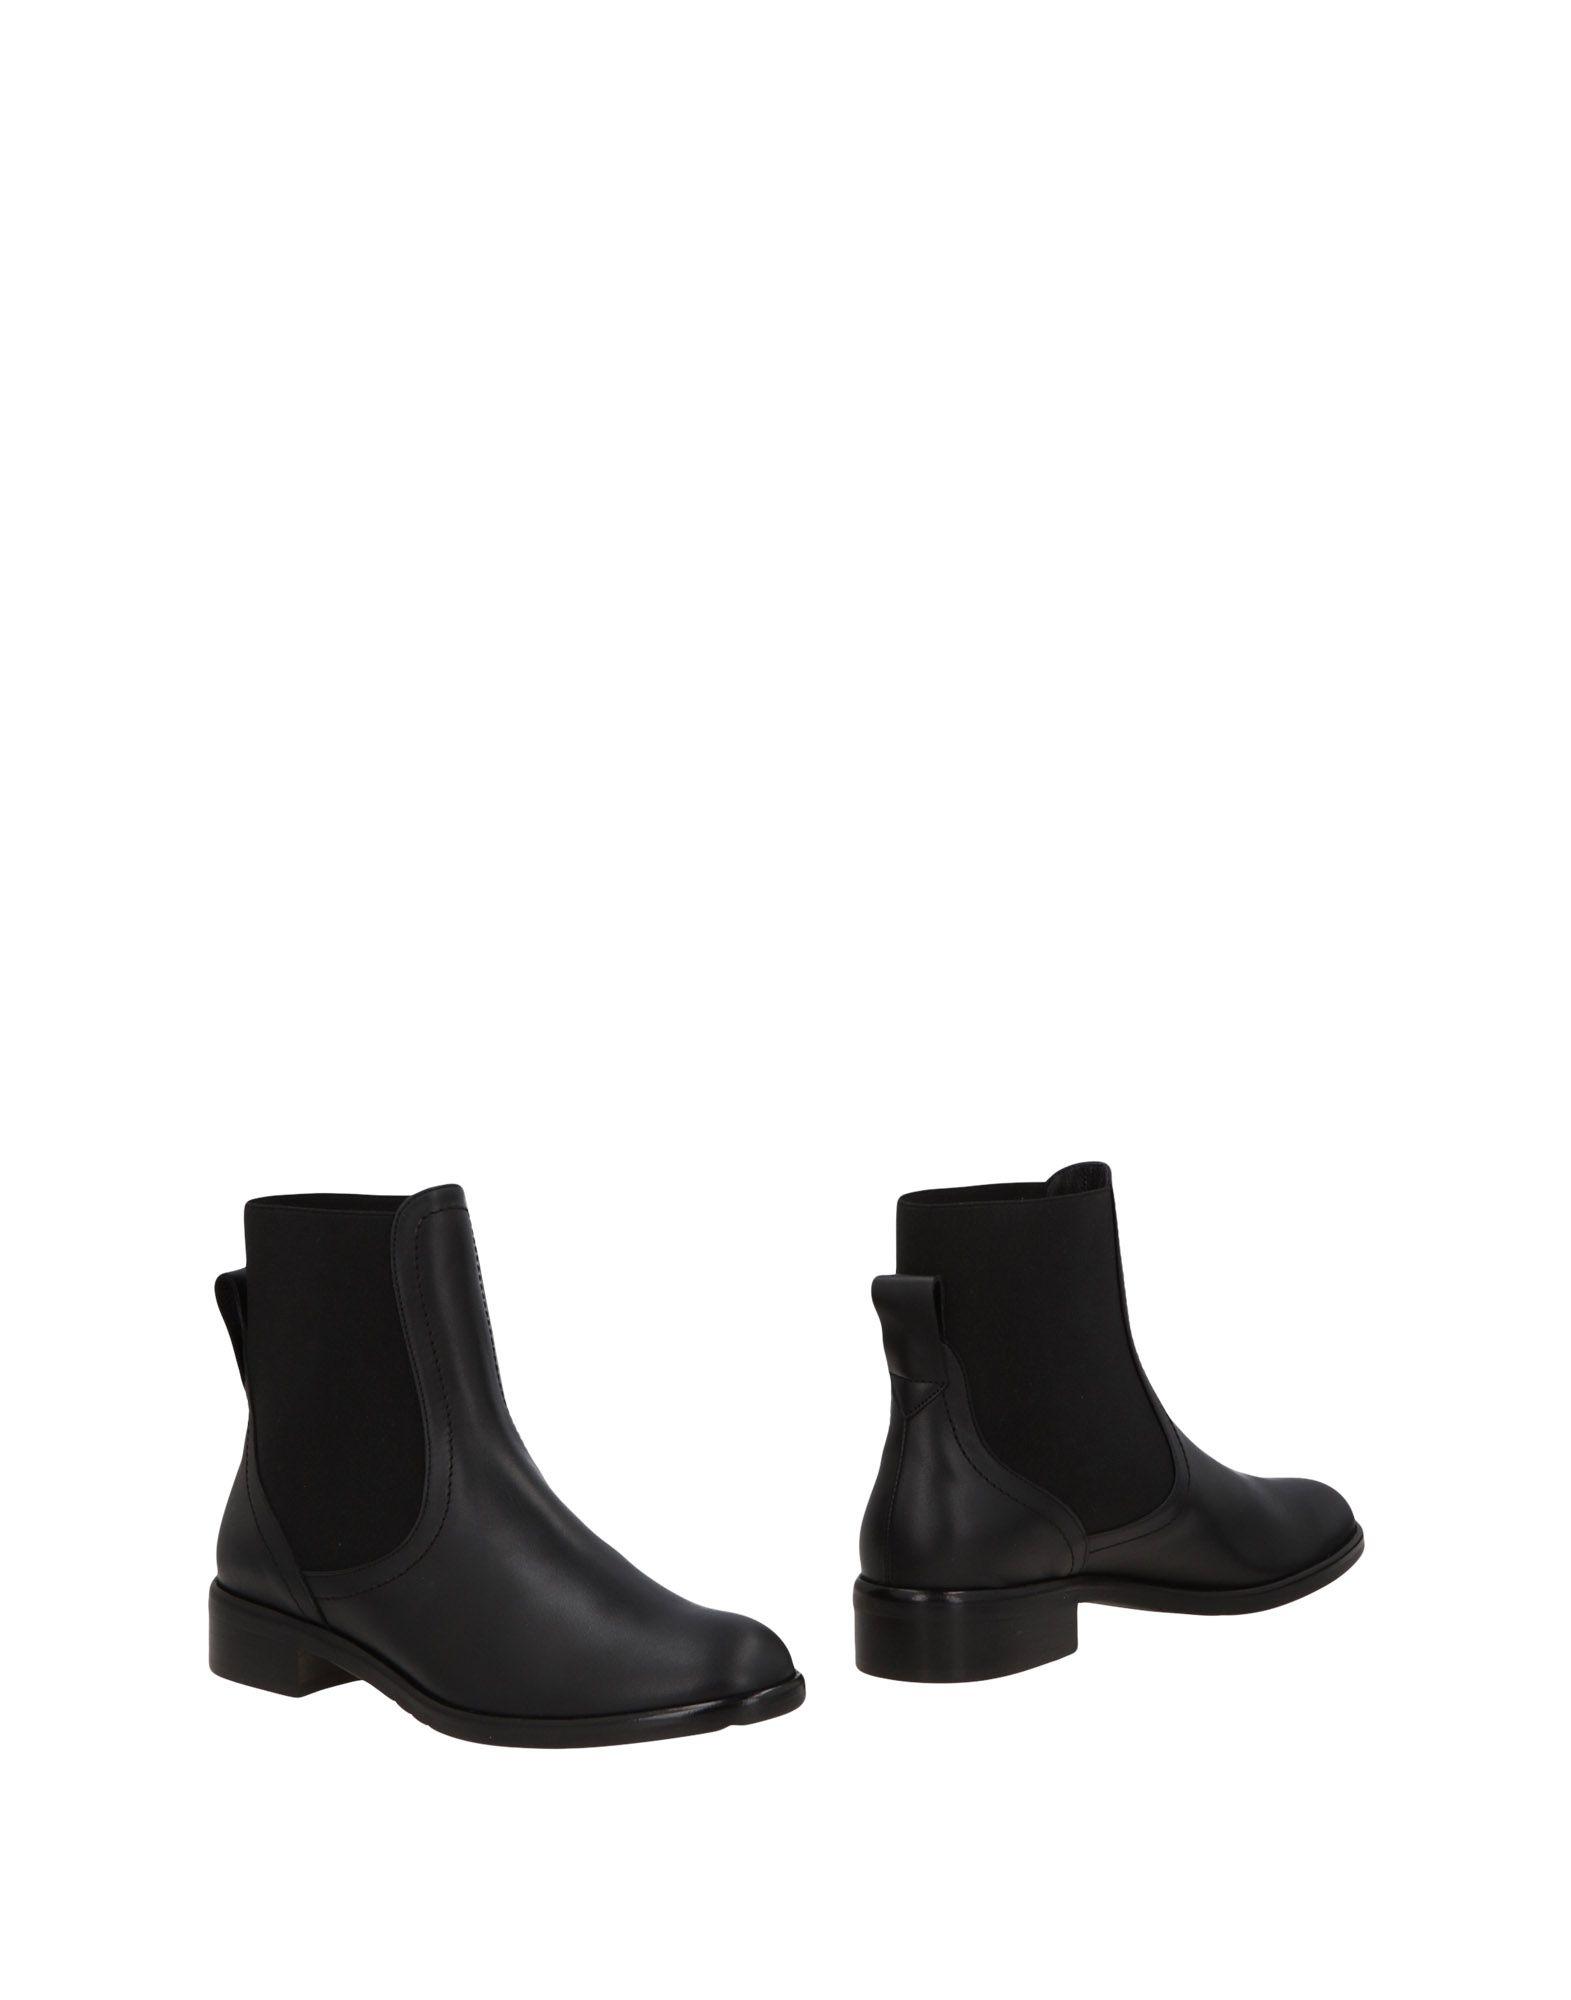 La Boots Corte Della Pelle By Franco Ballin Chelsea Boots La Damen  11477512PU 6698f4